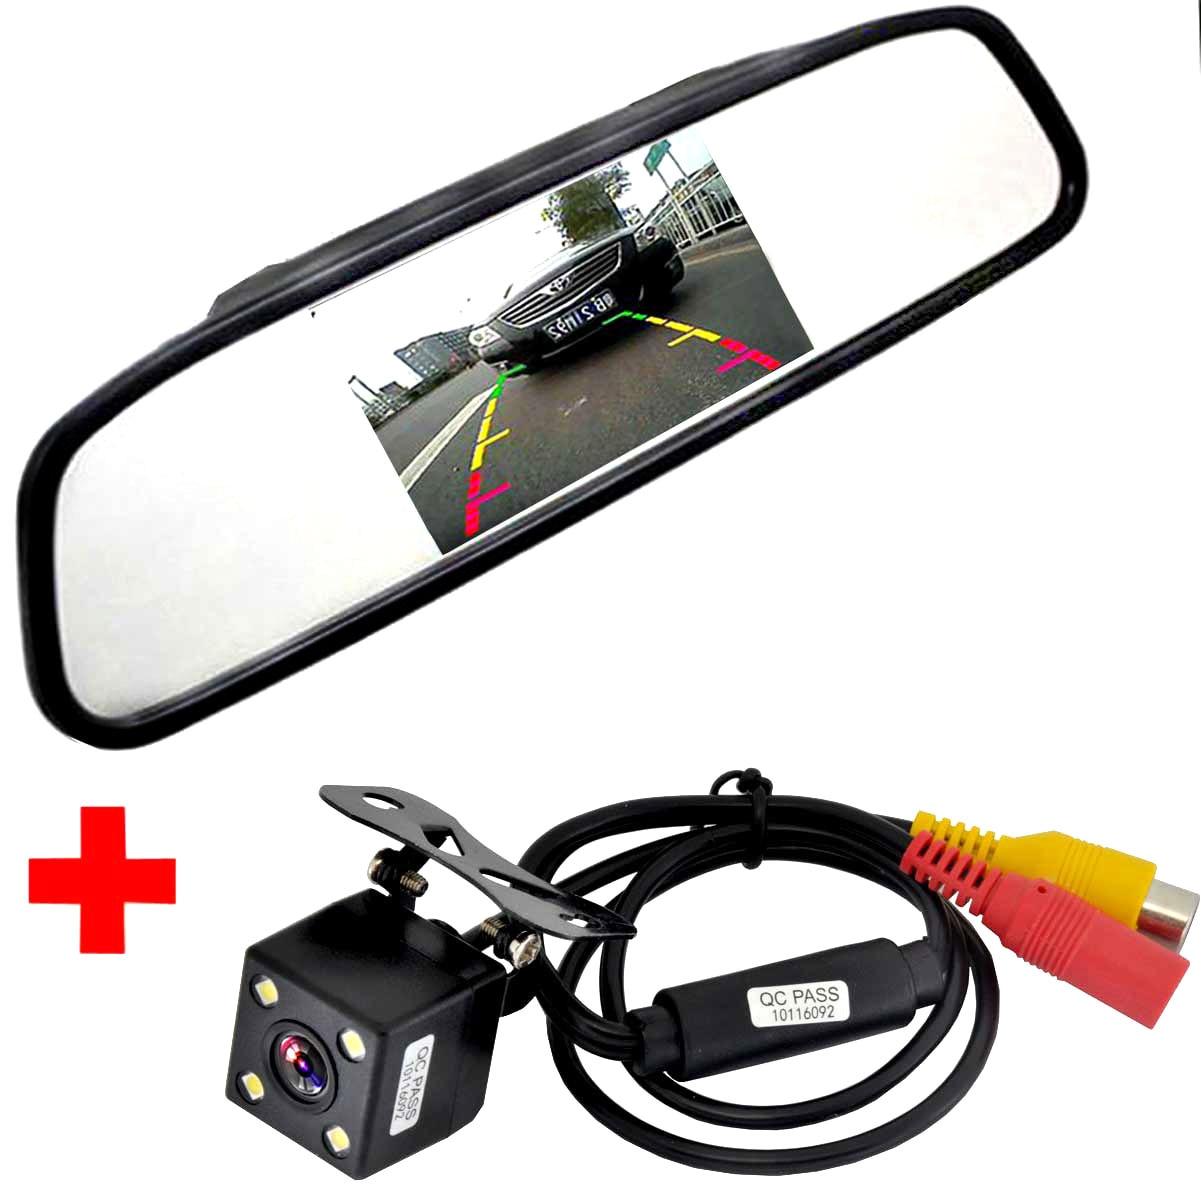 Coche HD Video auto parking Monitores, LED de visión nocturna que invierte CCD cámara de visión trasera con 4.3 pulgadas coche espejo retrovisor Monitores